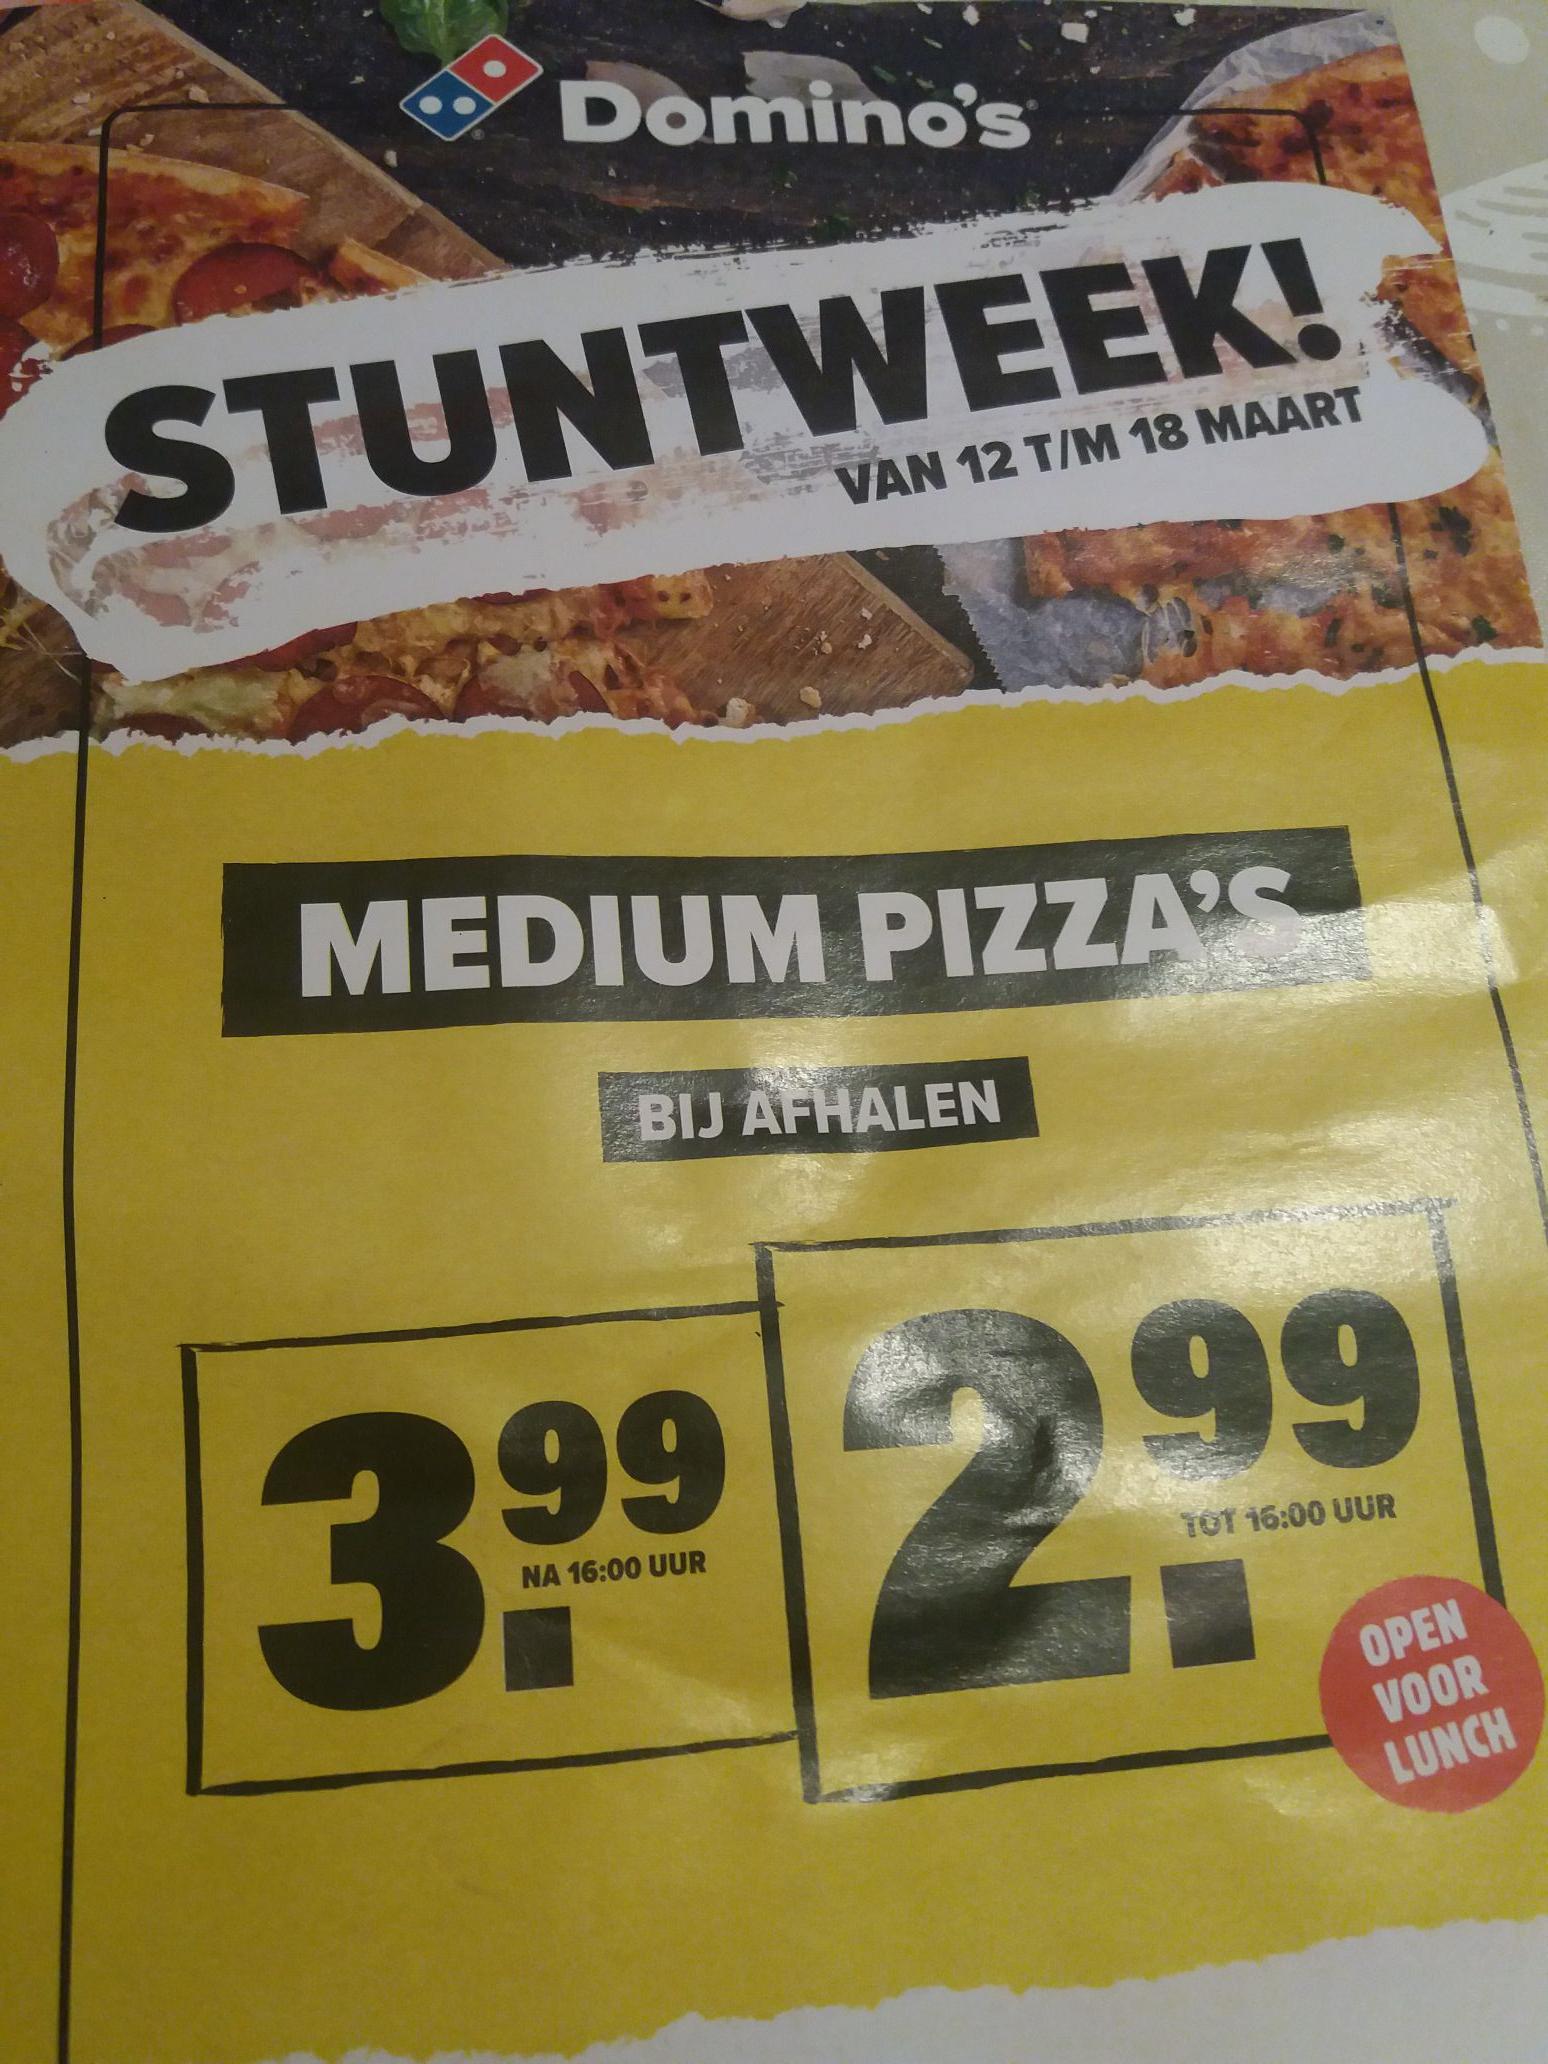 Stuntweek Domino's - Pizza's voor €2.99 / €3,99